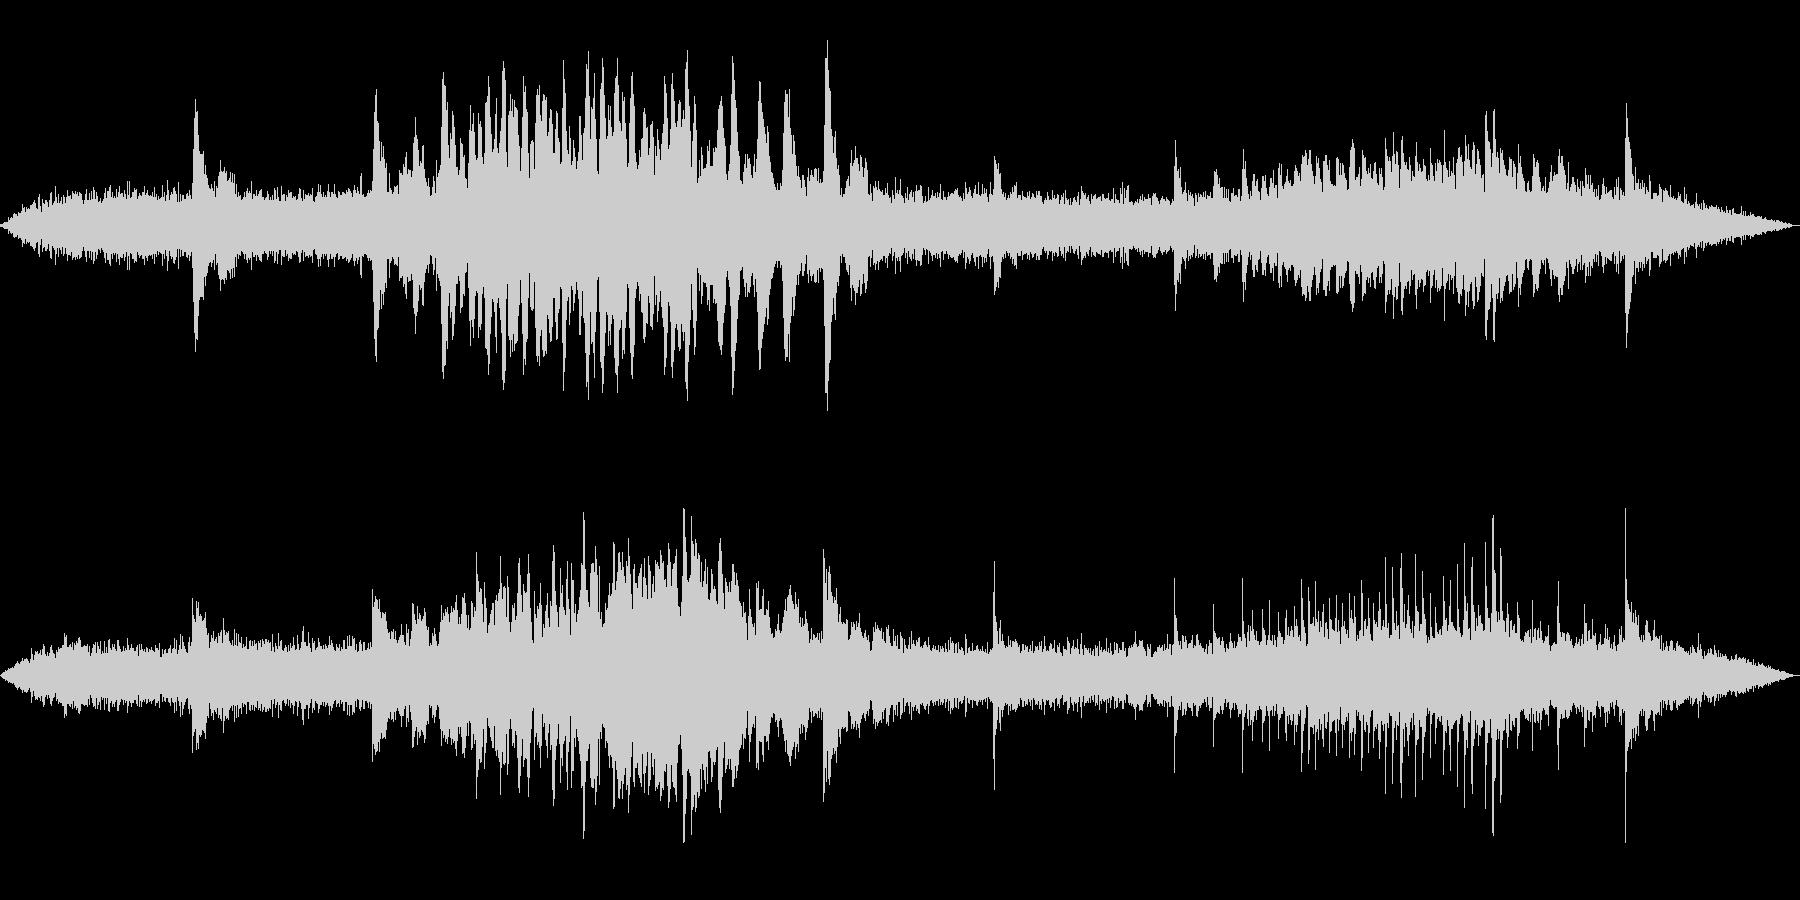 極寒のイメージ(30秒)の未再生の波形